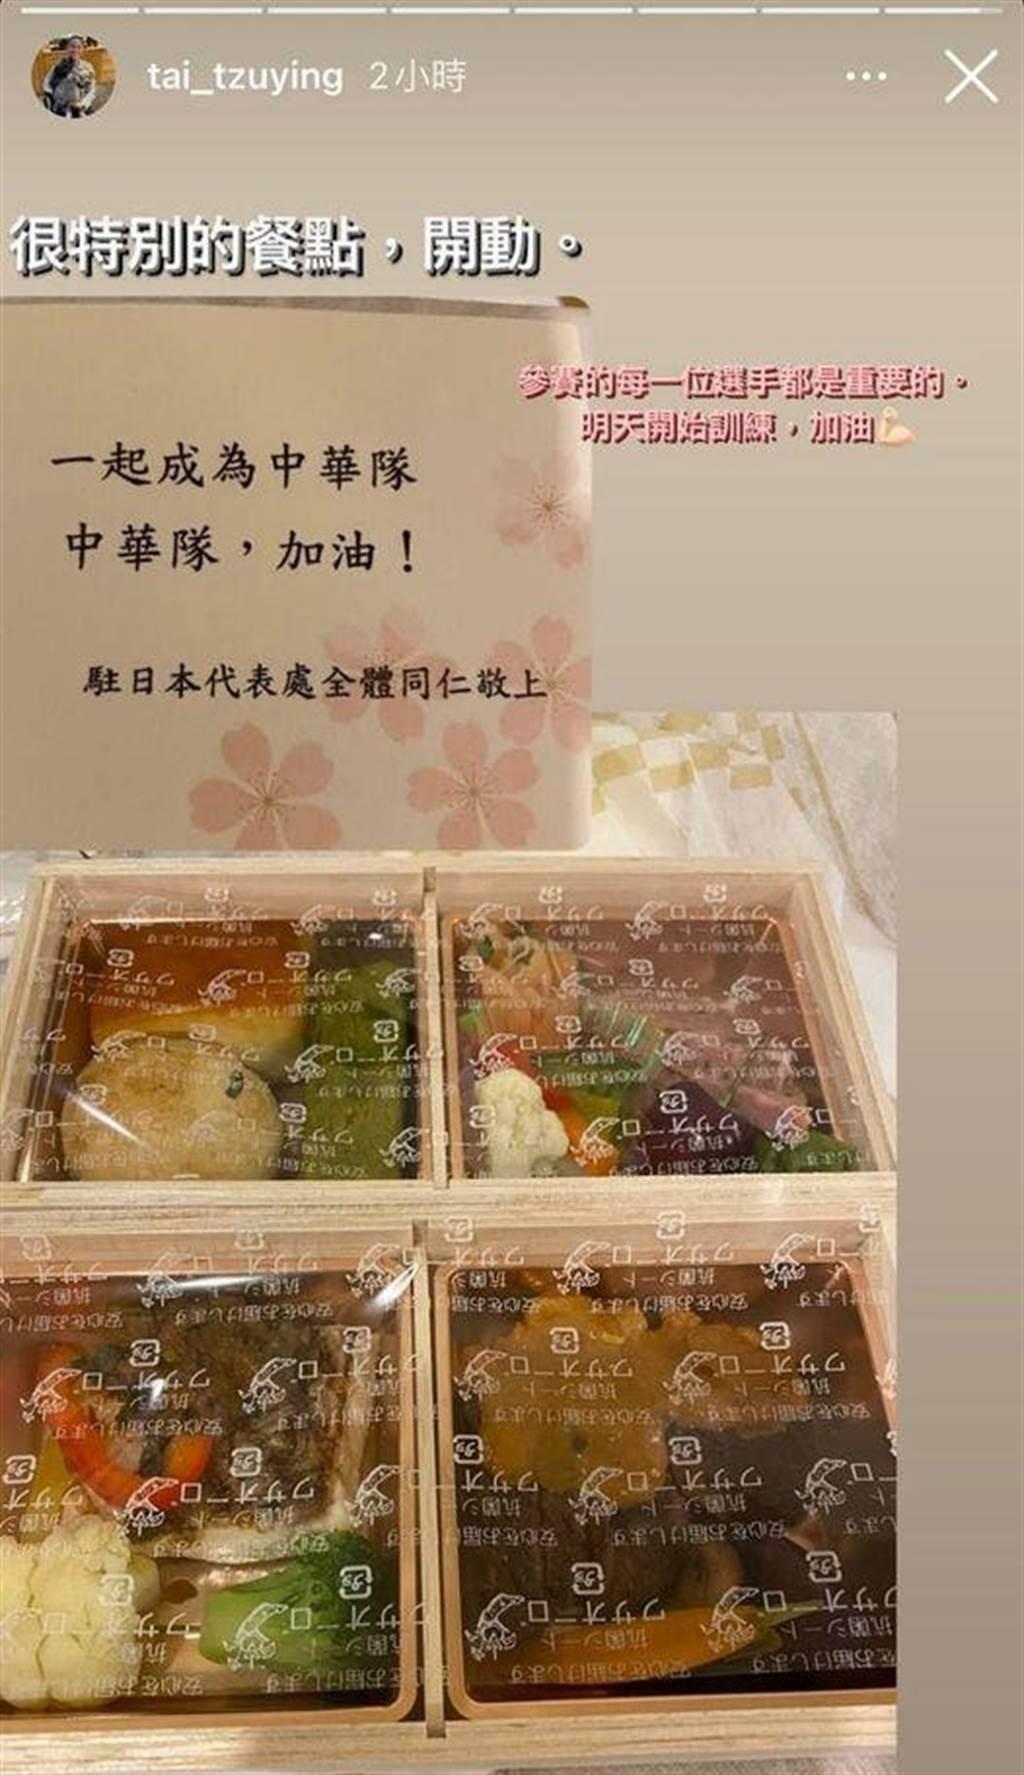 戴資穎在IG上,貼出由駐日代表處幫忙準備,中華隊到日本的第一頓晚餐。(圖片摘自陳冠安臉書)